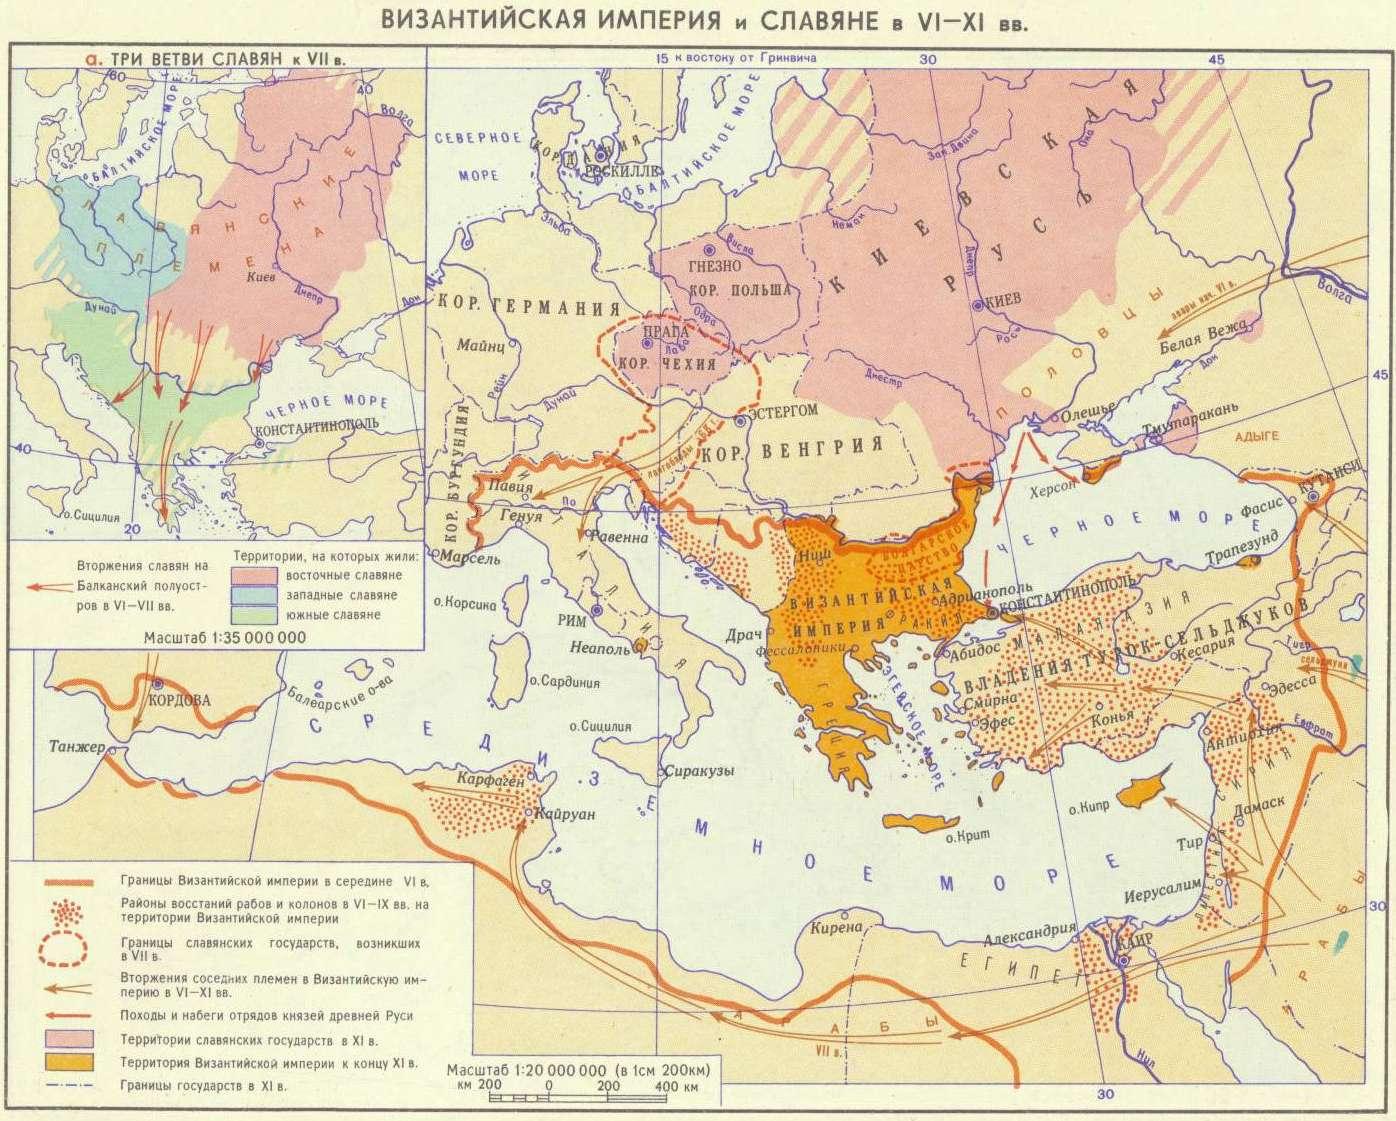 Византия и славяне в конце 6 -11 веках. (2 карты).